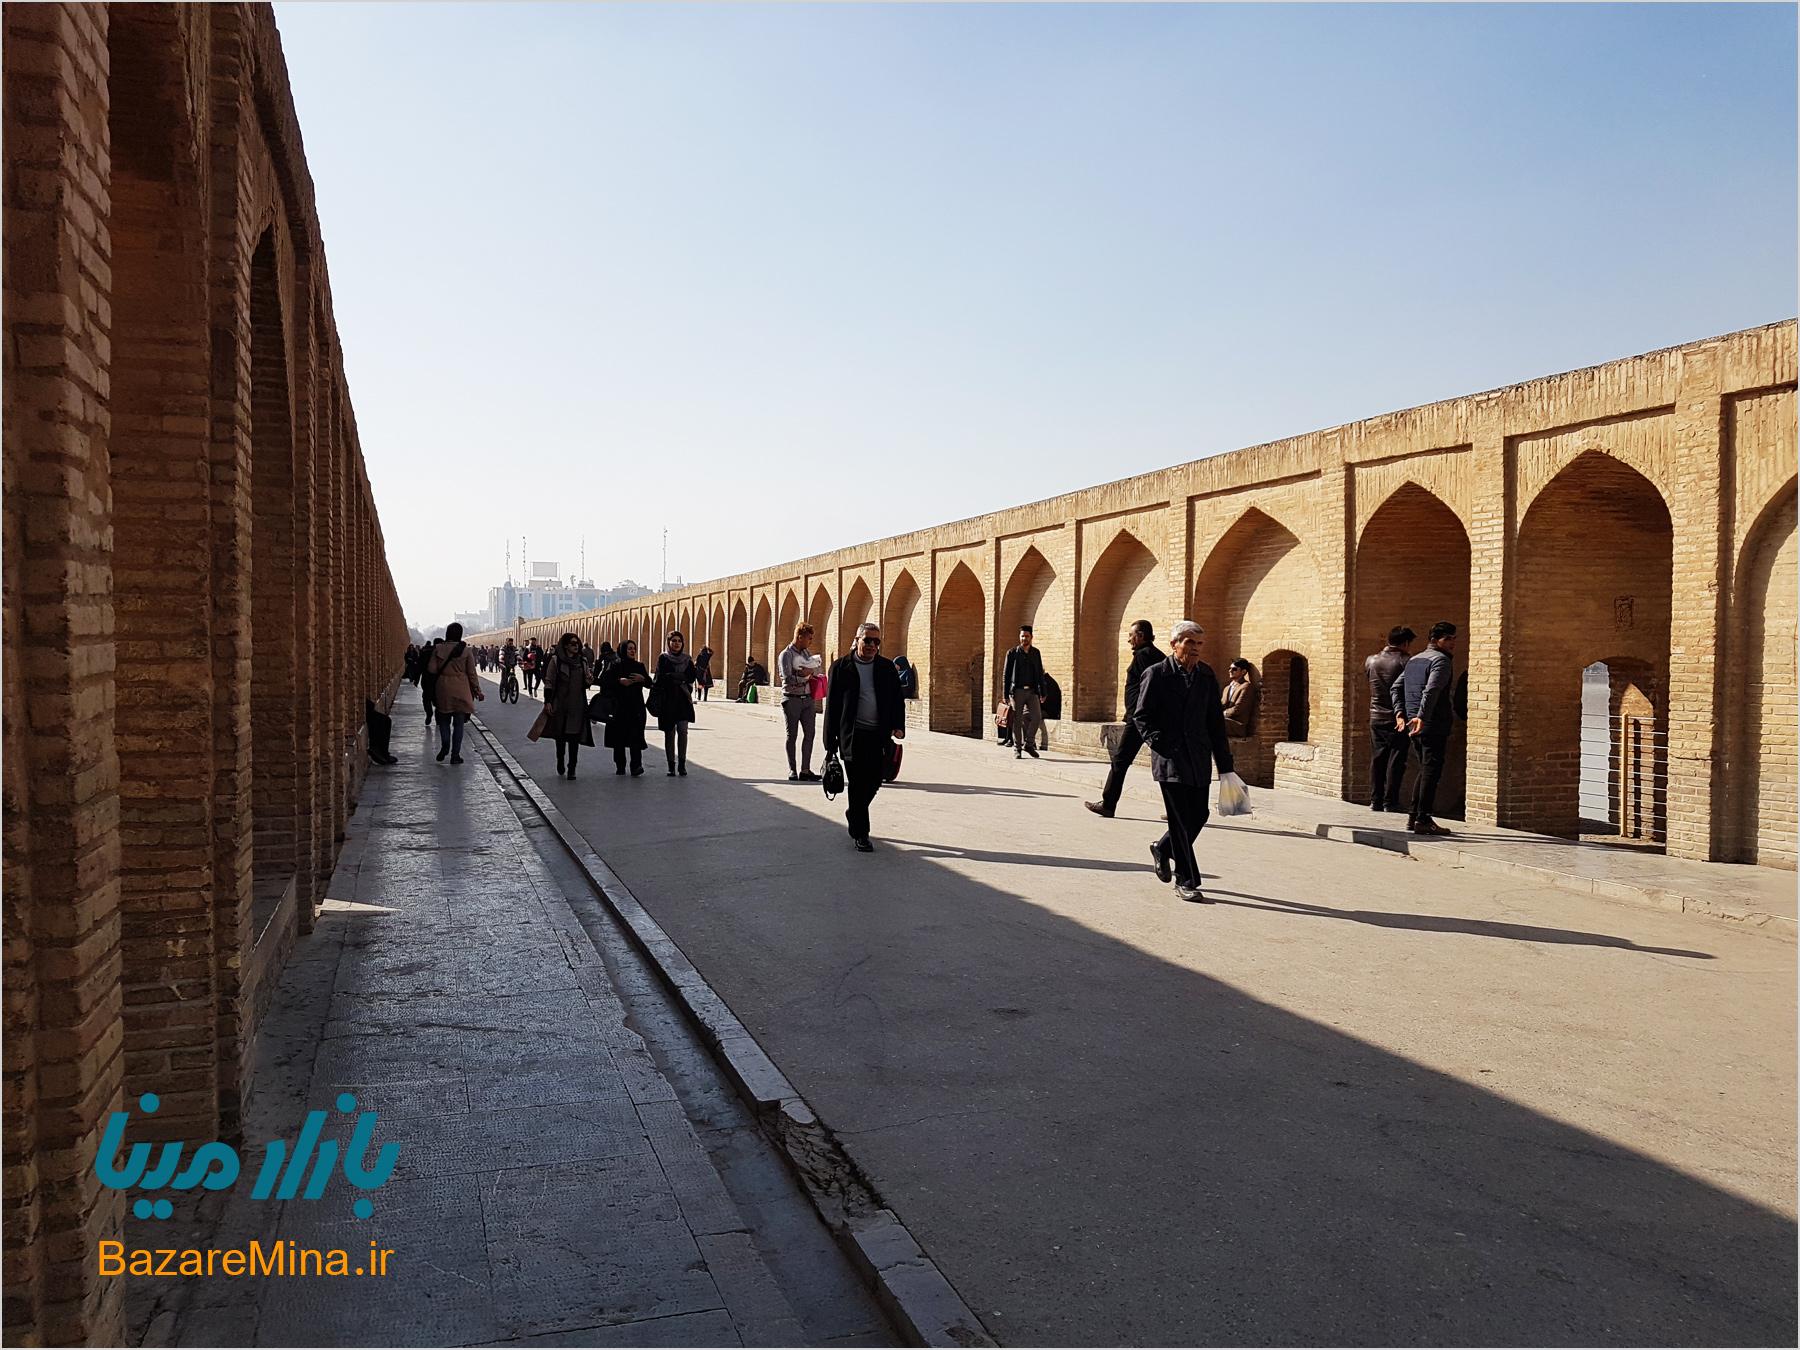 پل تاریخی اصفهان